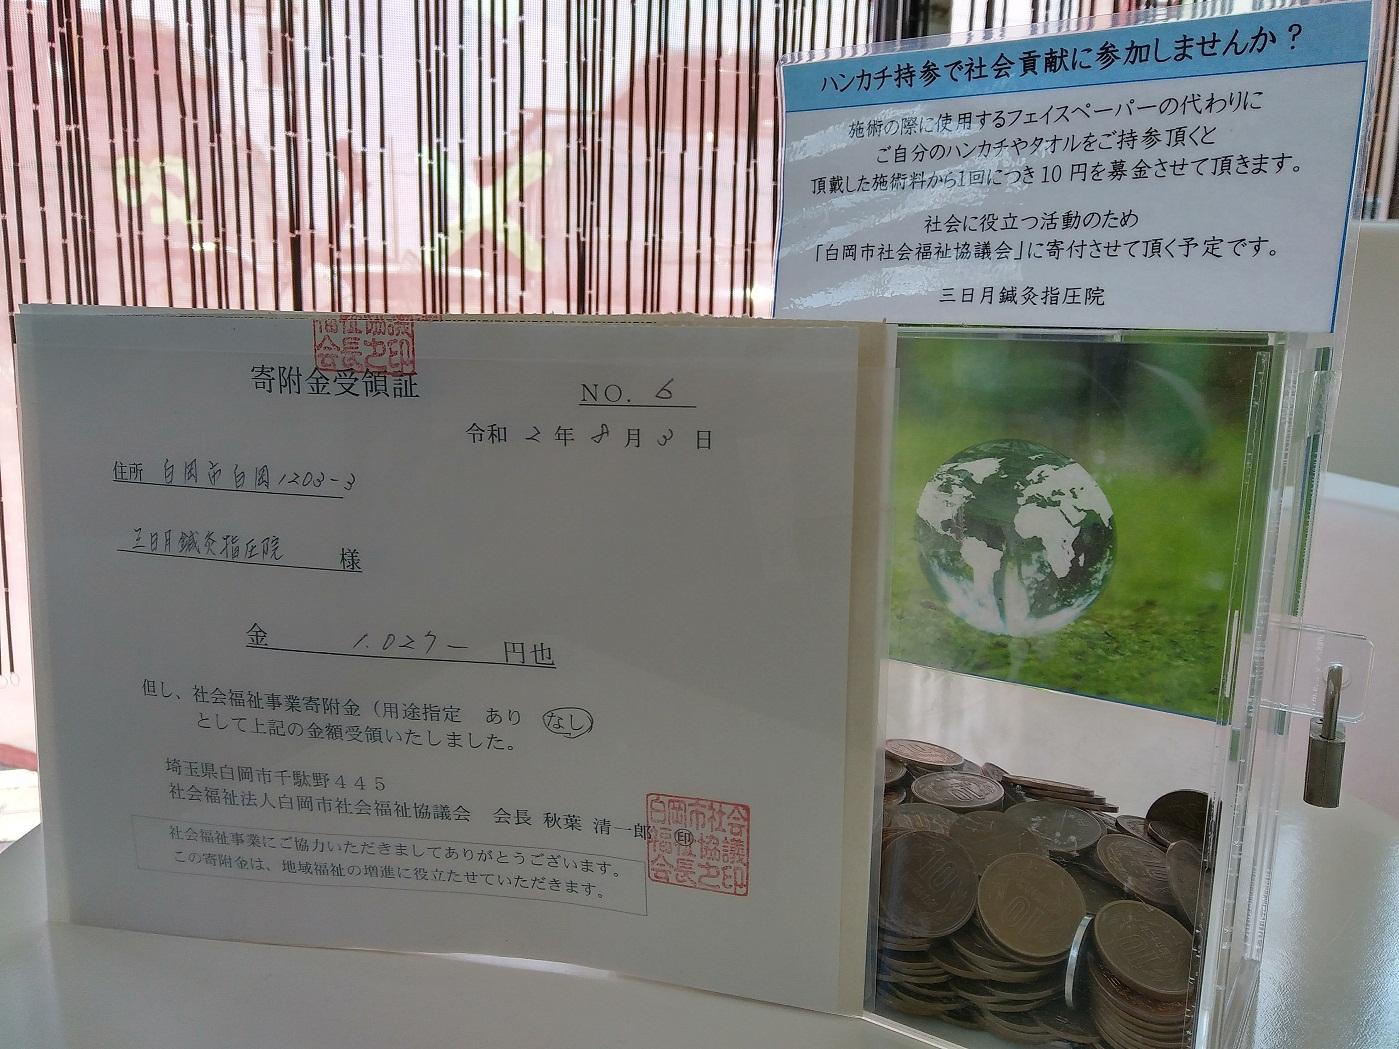 社会福祉協議会に1,027円を寄付させて頂きました。